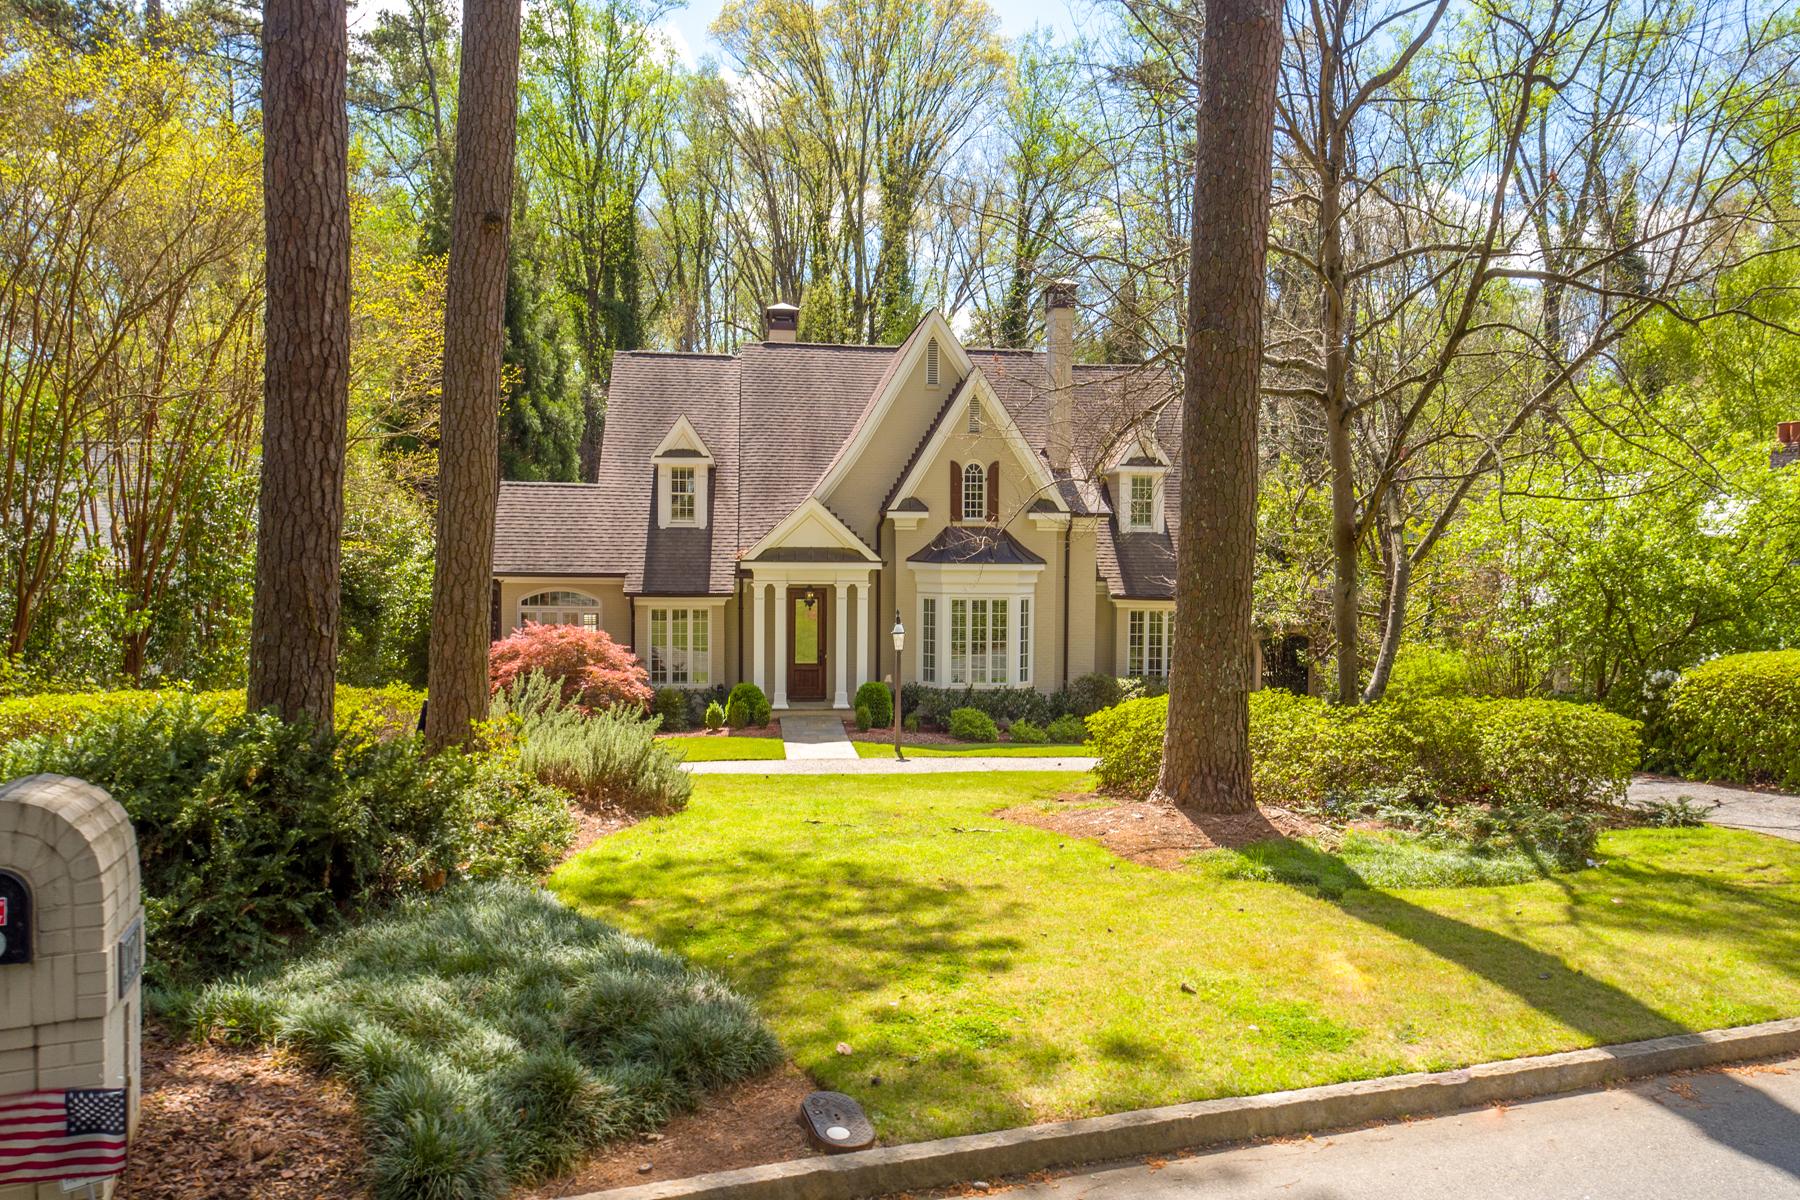 Casa Unifamiliar por un Venta en Gorgeous Home In Ideal Brookhaven Location 4124 Club Drive Brookhaven, Atlanta, Georgia, 30319 Estados Unidos